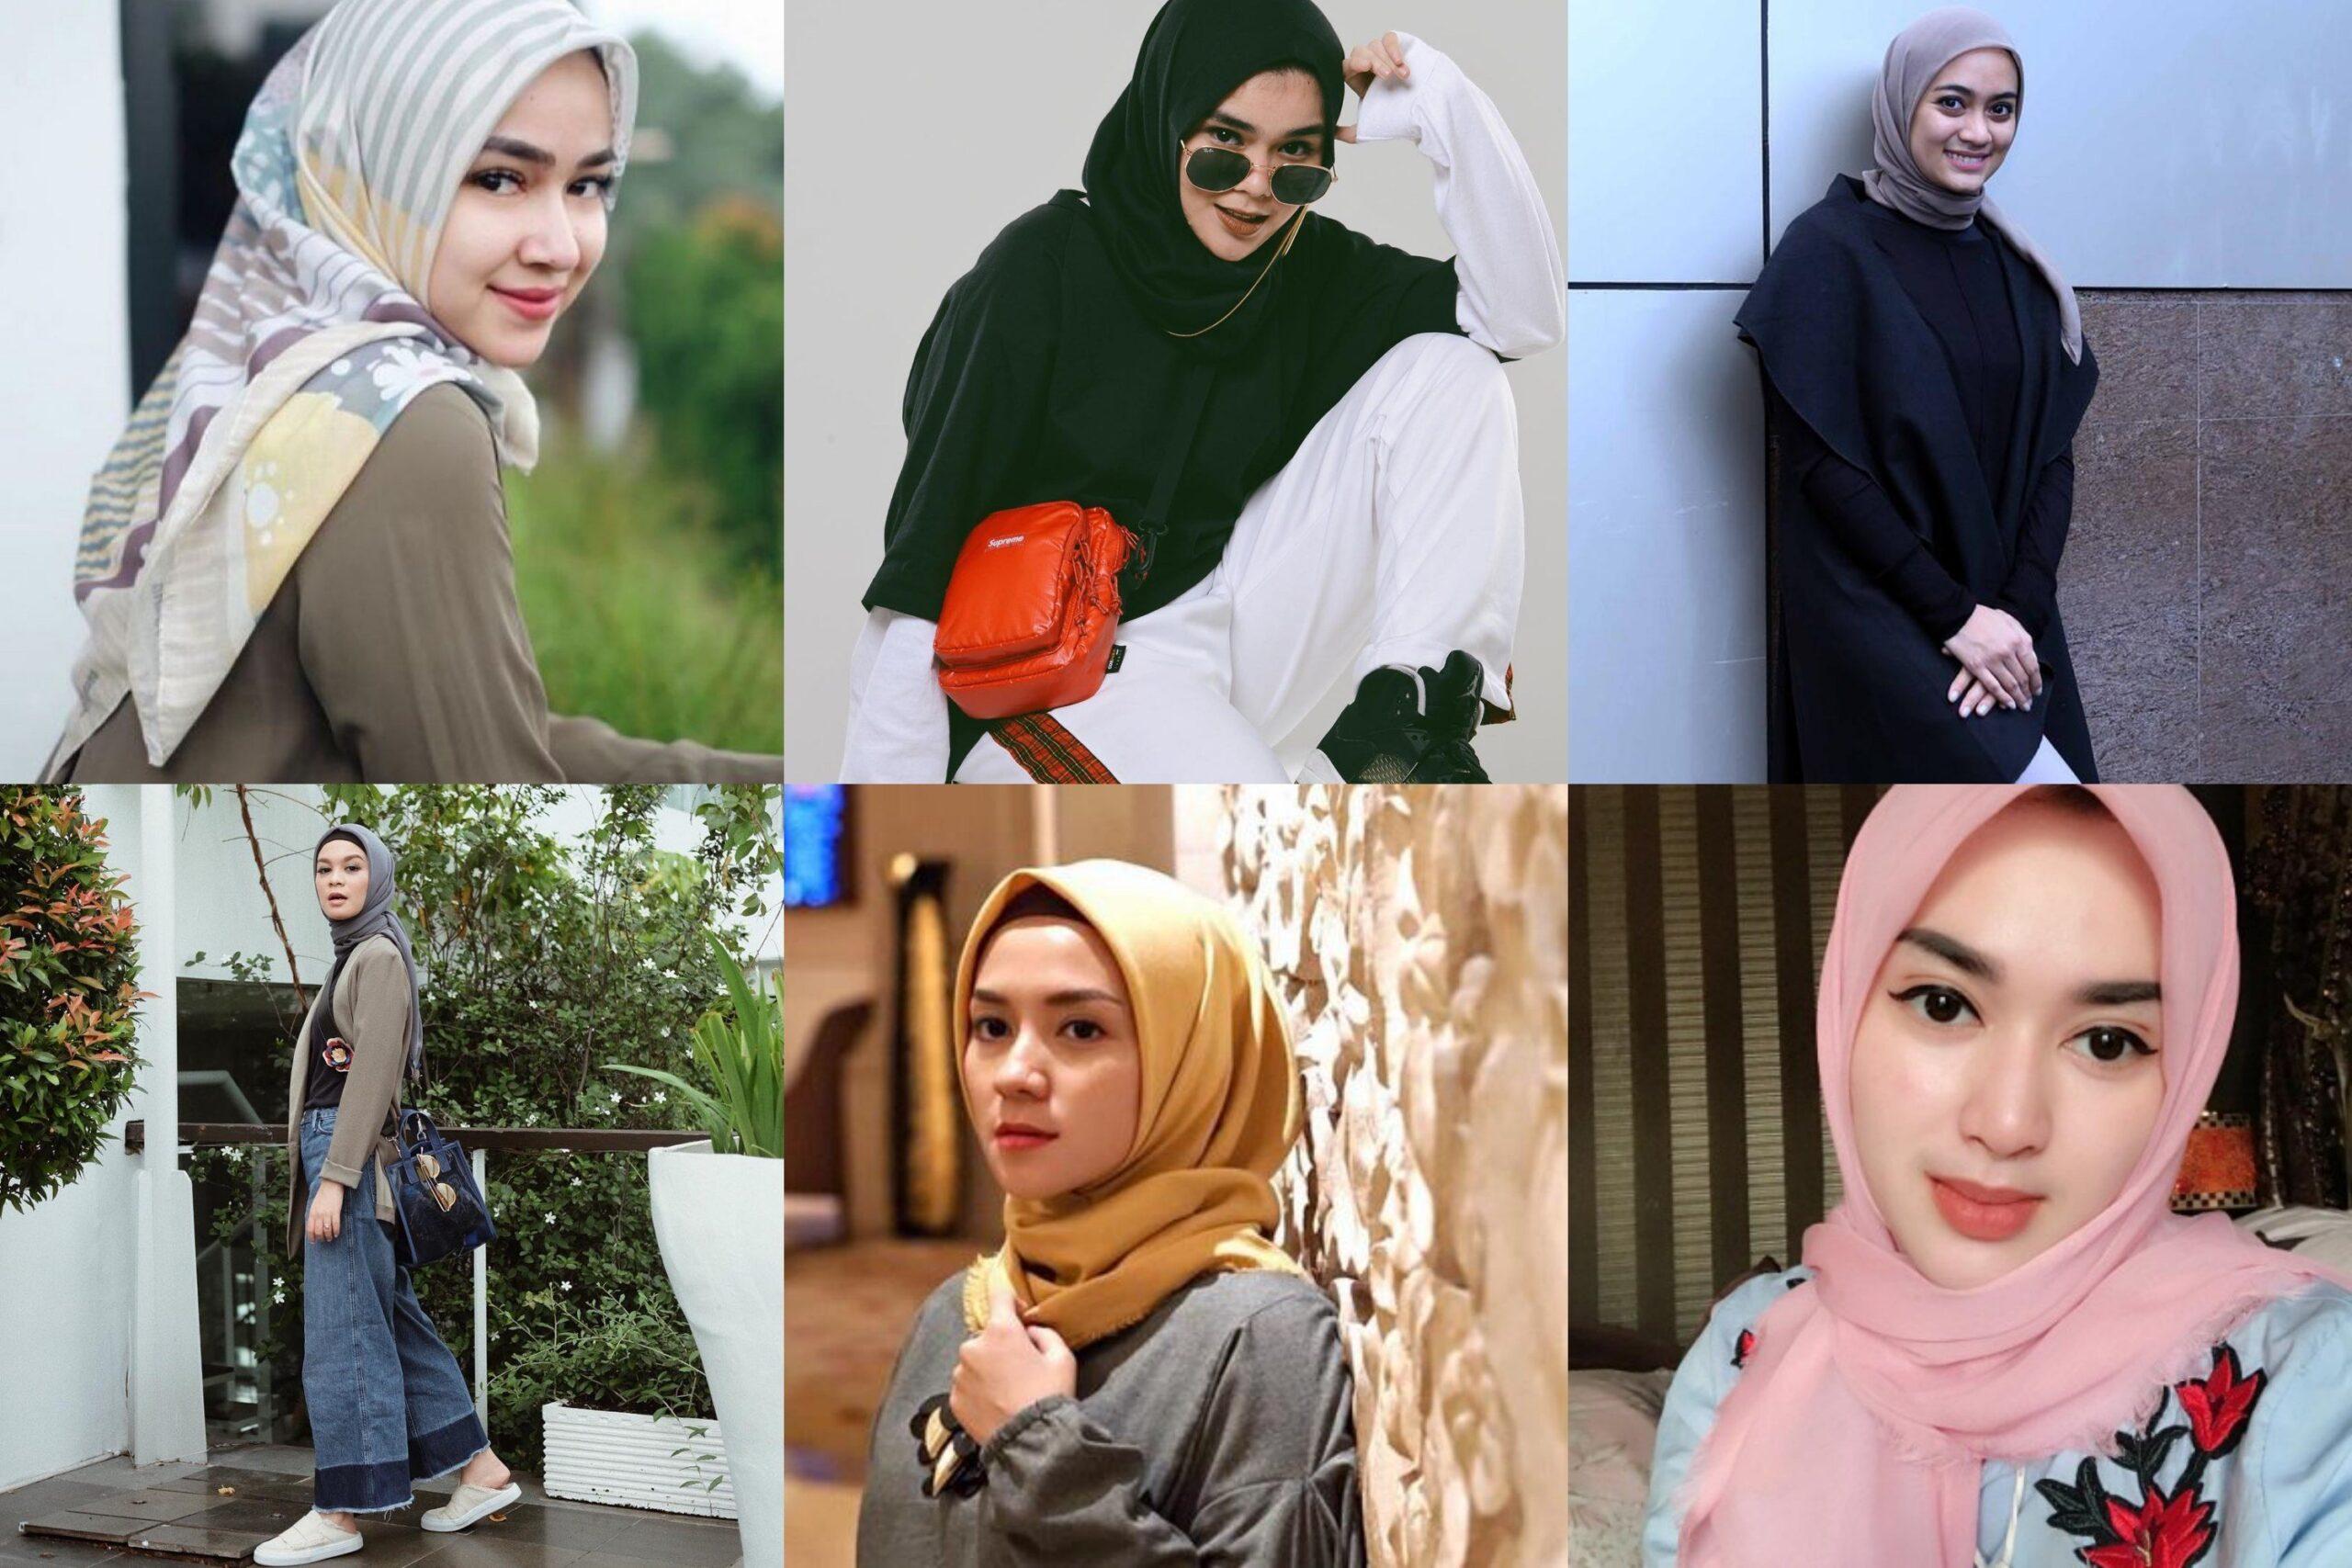 Berikut Alasan Wanita Memakai Hijab, Kamu yang Mana?